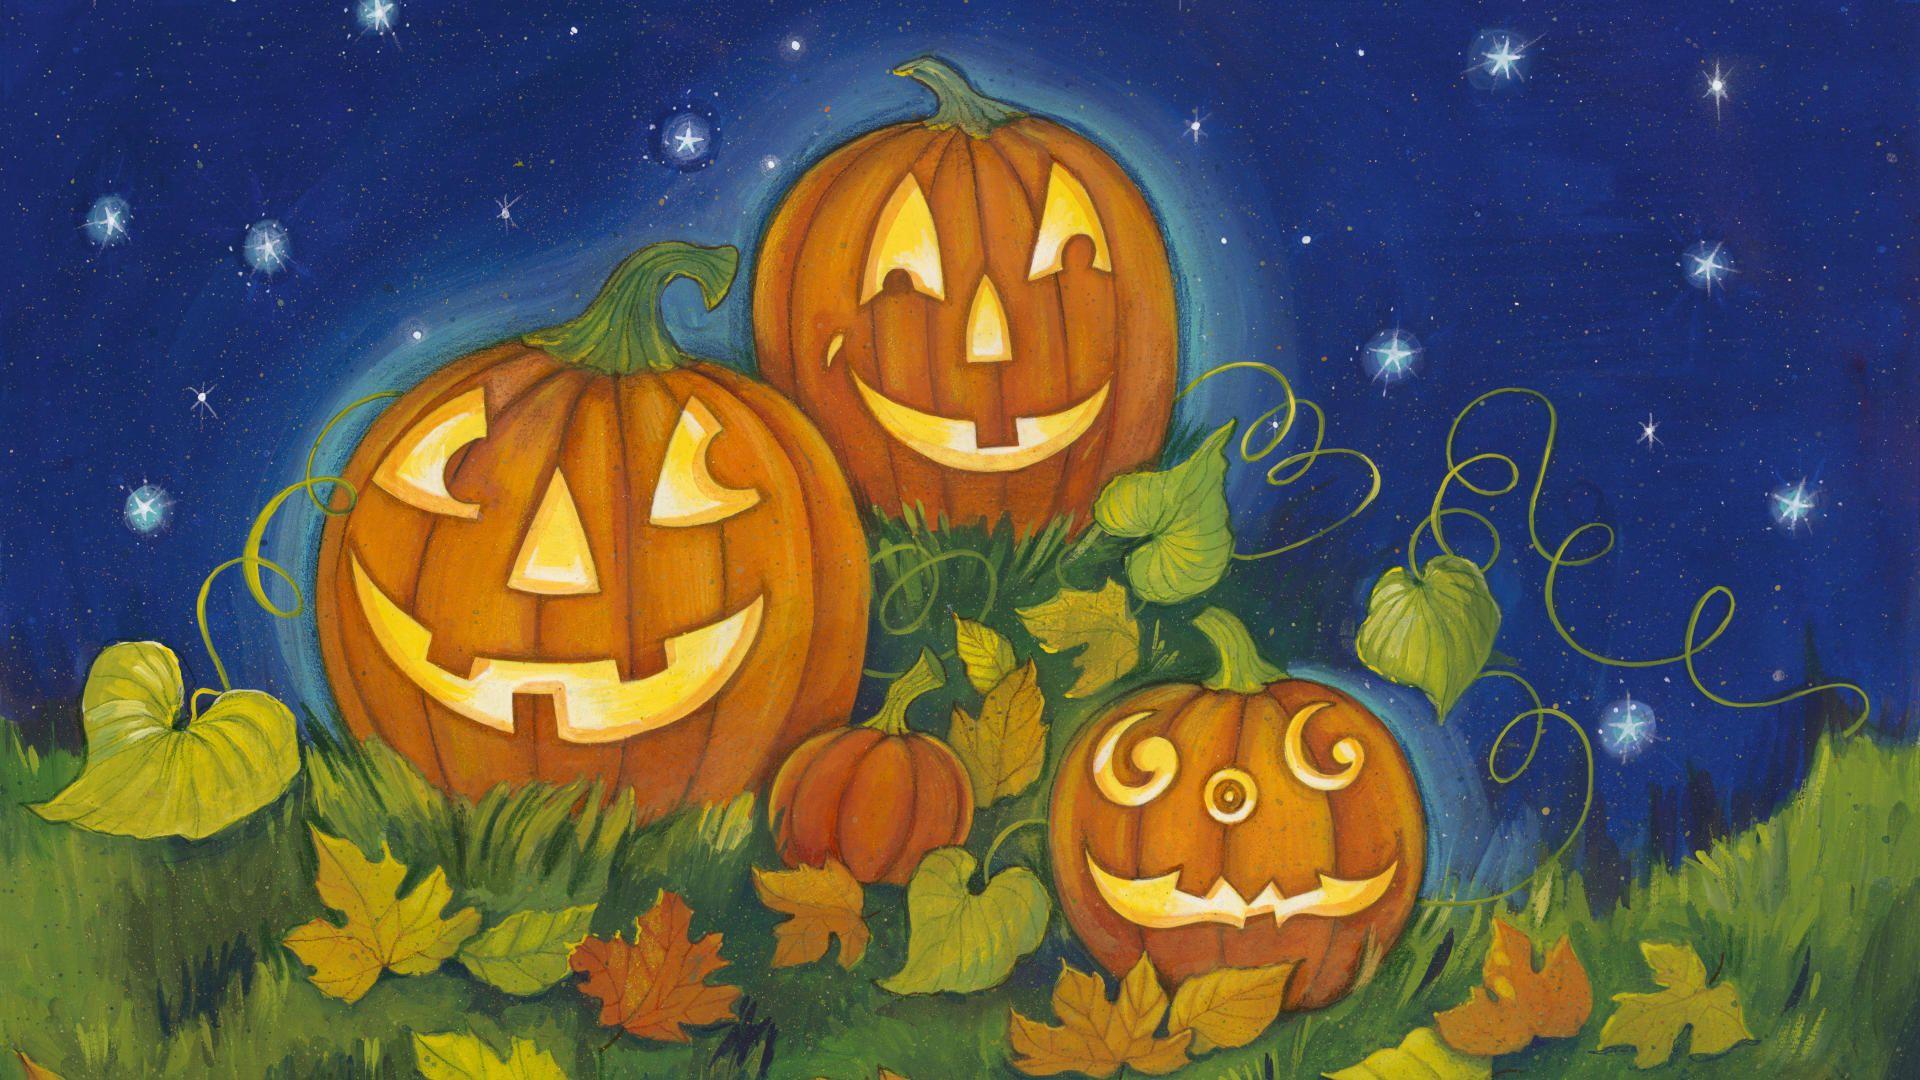 Happy Jack O Lantern Wallsfield Com Free Hd Wallpapers Jack O Lantern Halloween Jack O Lanterns Cute Pokemon Wallpaper